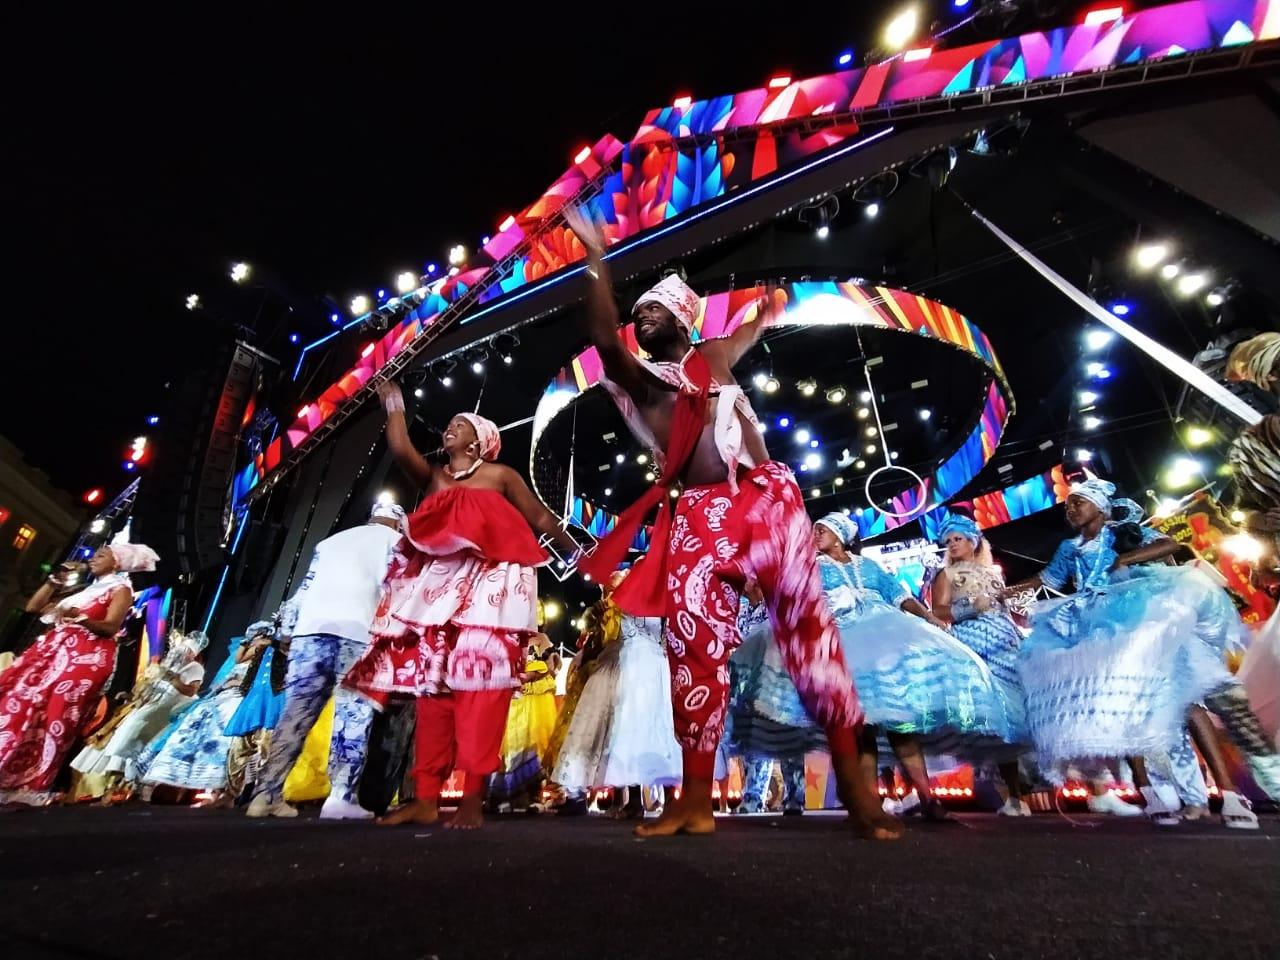 Ao todo, 24 afoxés, 400 batuqueiros e 13 nações de maracatu passarão pelas ruas do Recife Antigo entoando cantos para Orixás e pedindo paz para os foliões (Foto: Paulo Paiva/DP )